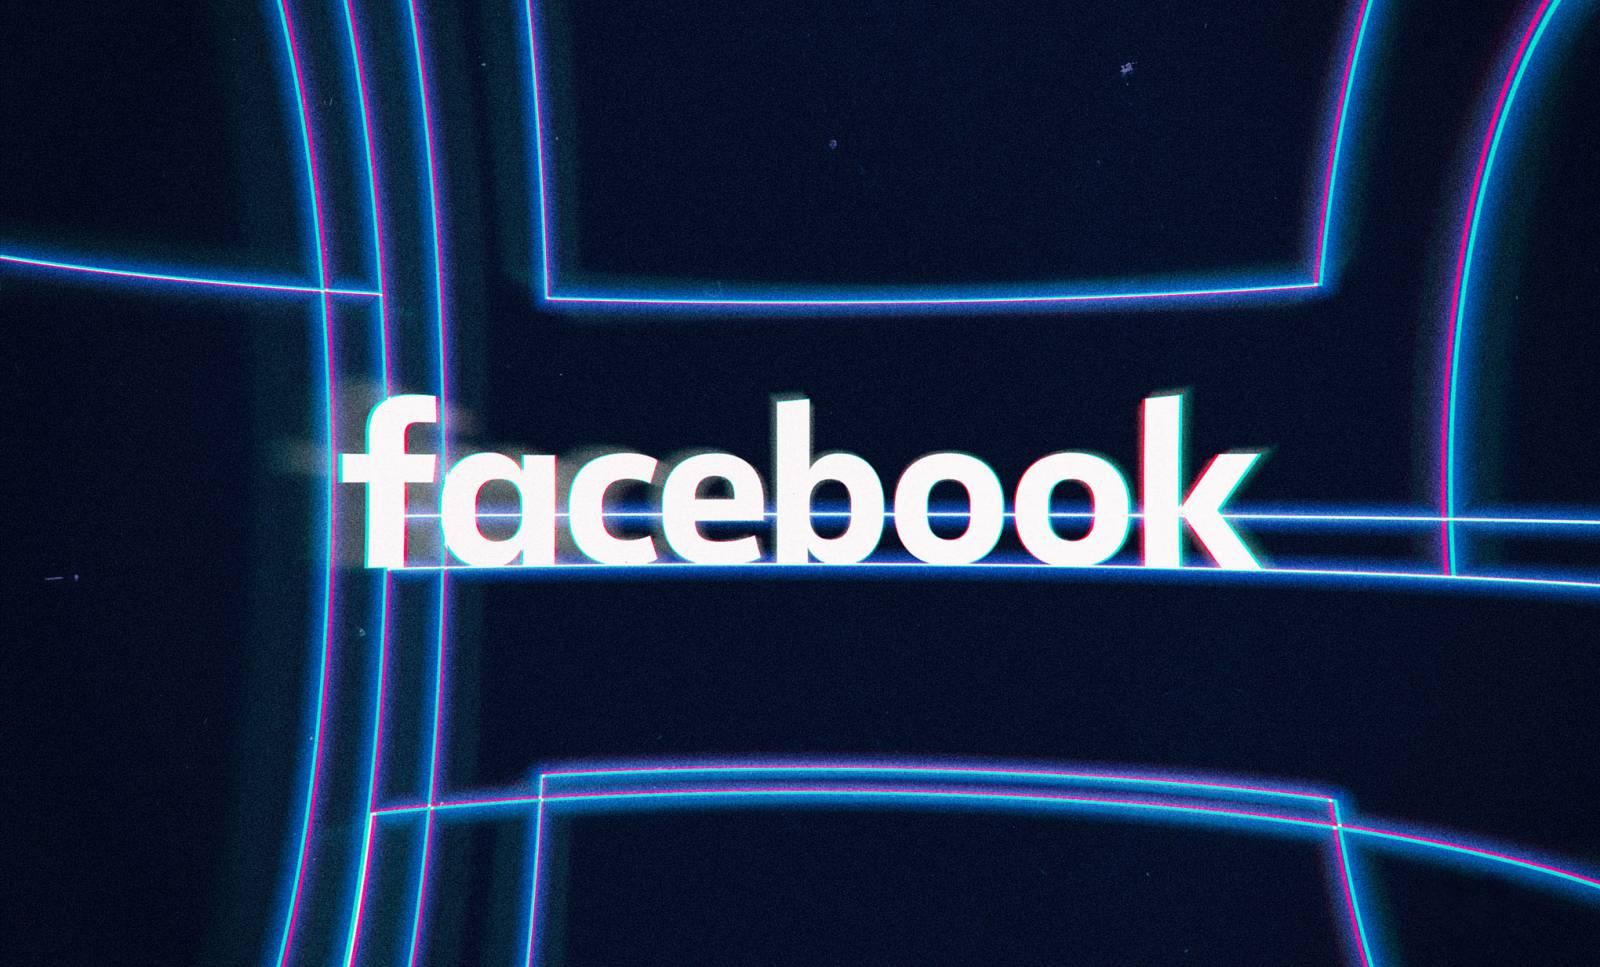 Facebook Actualizarea noua lansata pentru telefoane, tablete